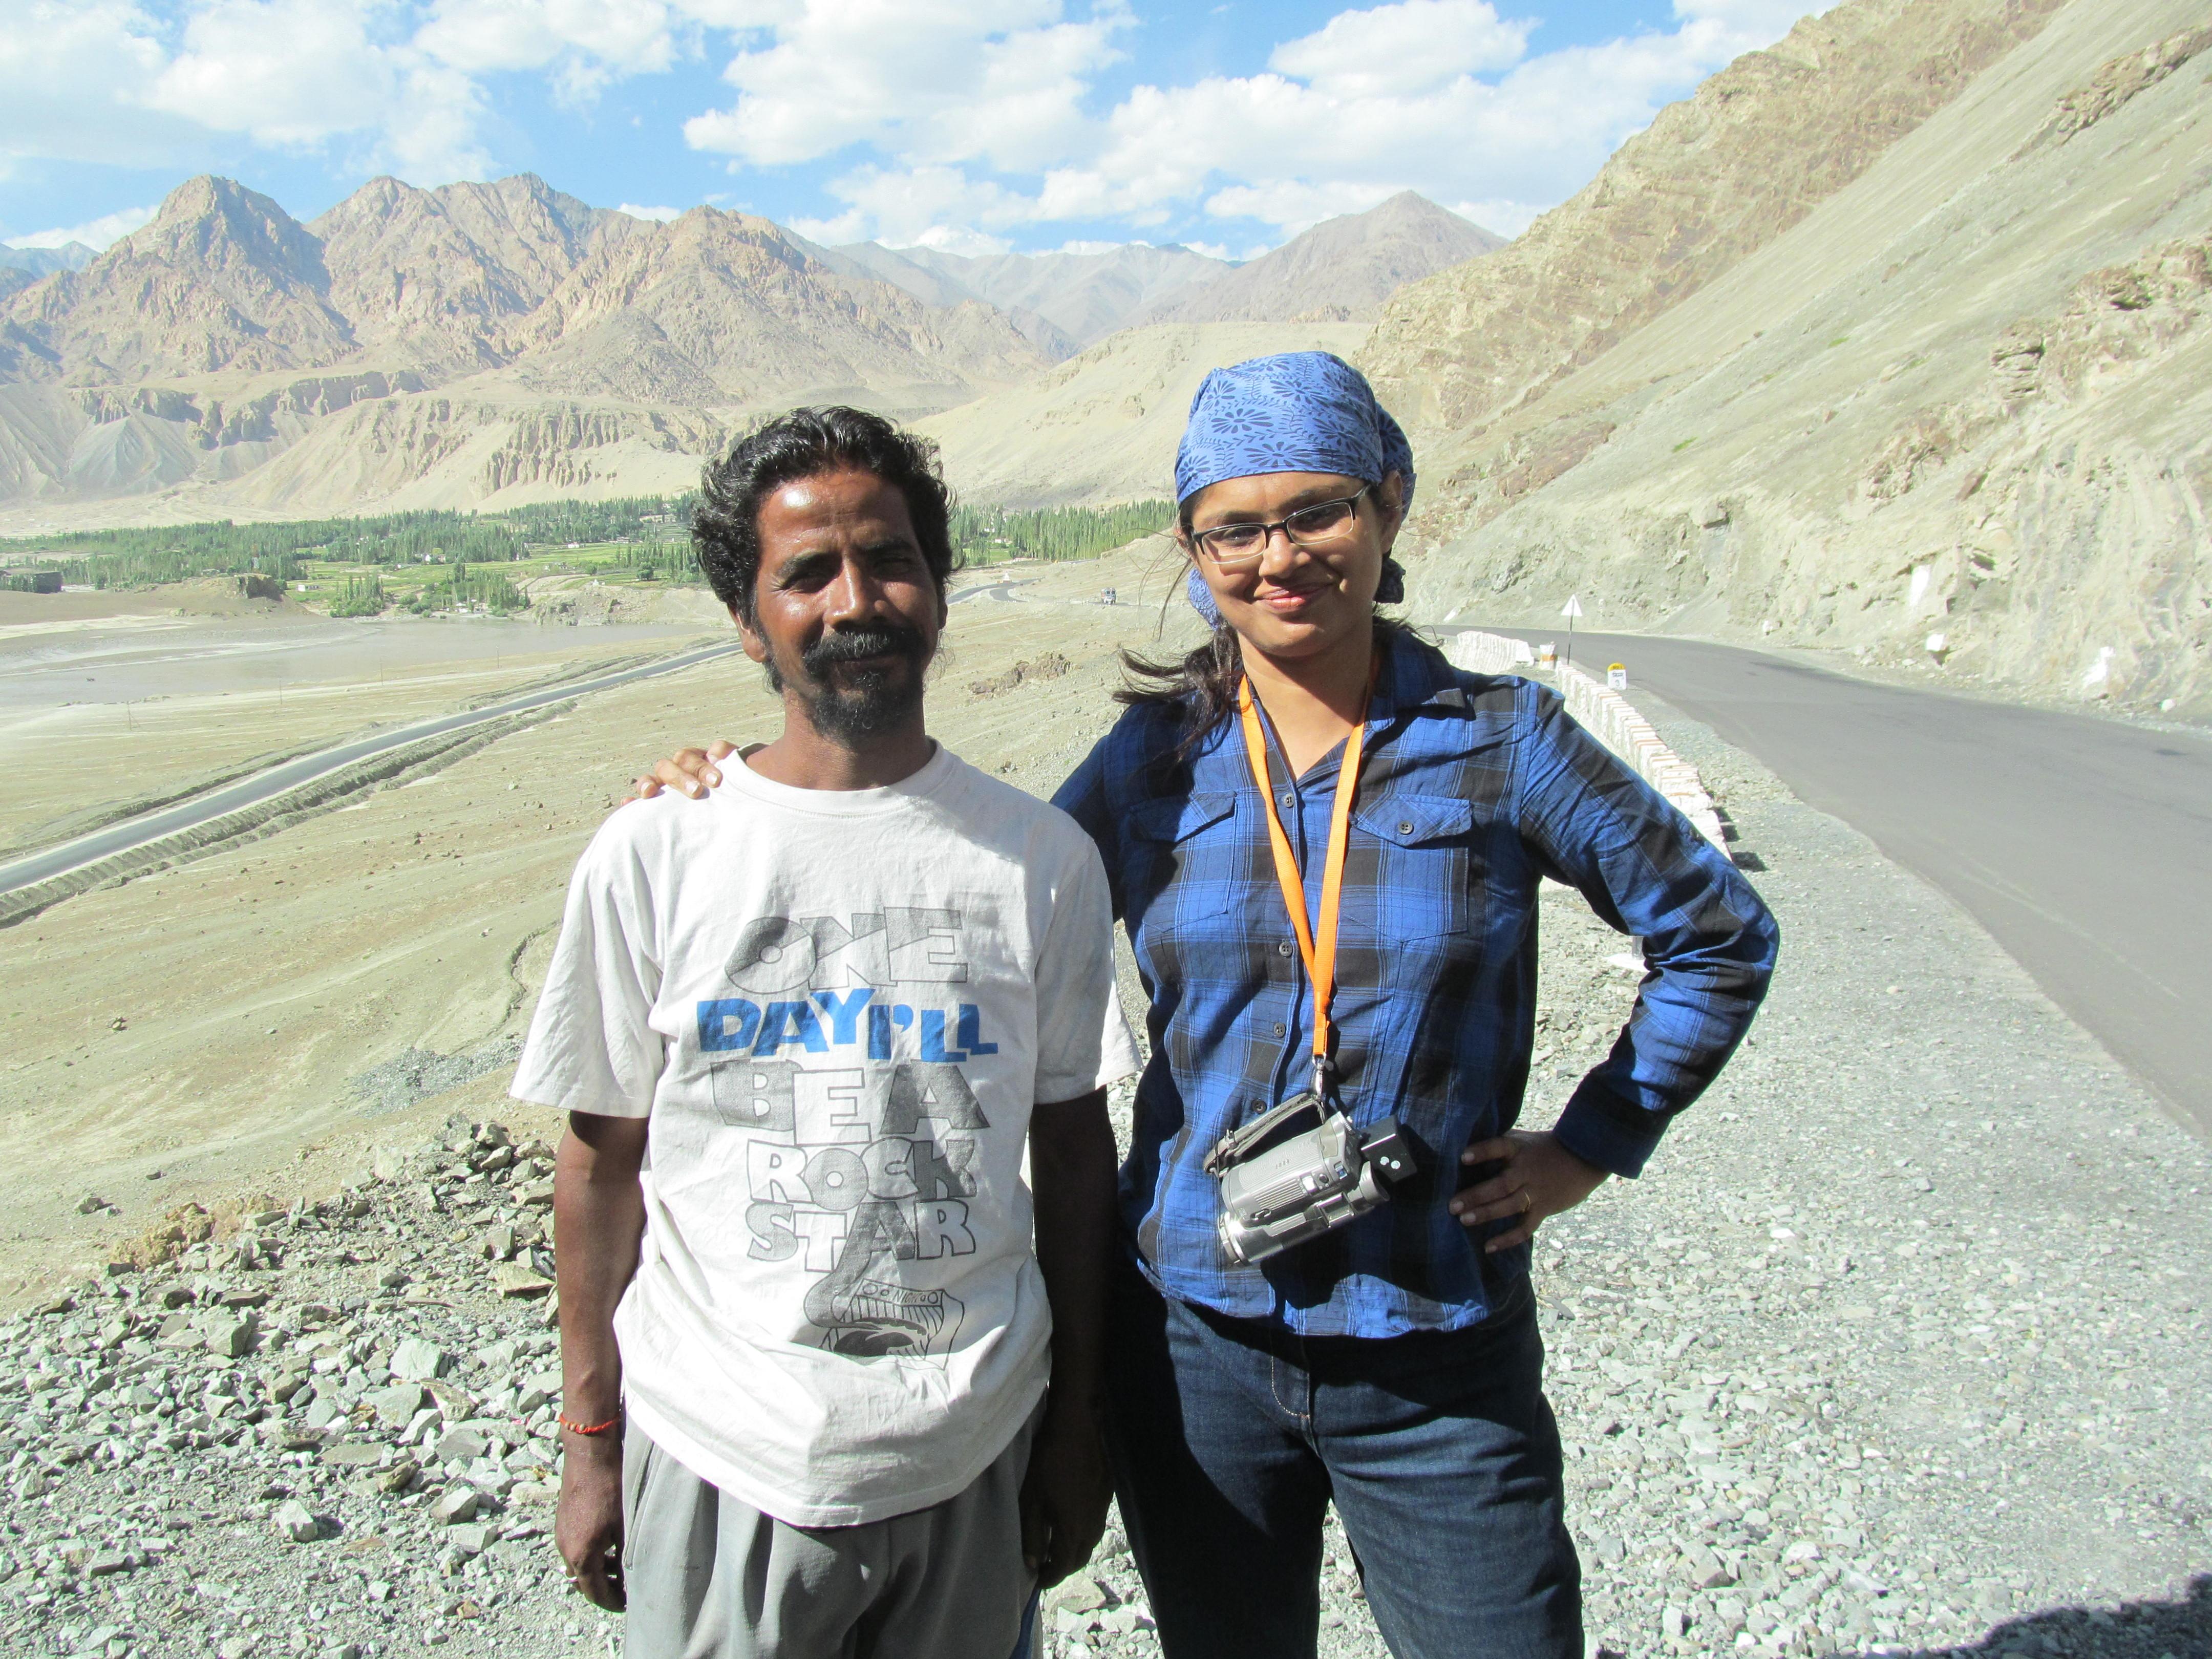 Ladakh Chale Rickshawala